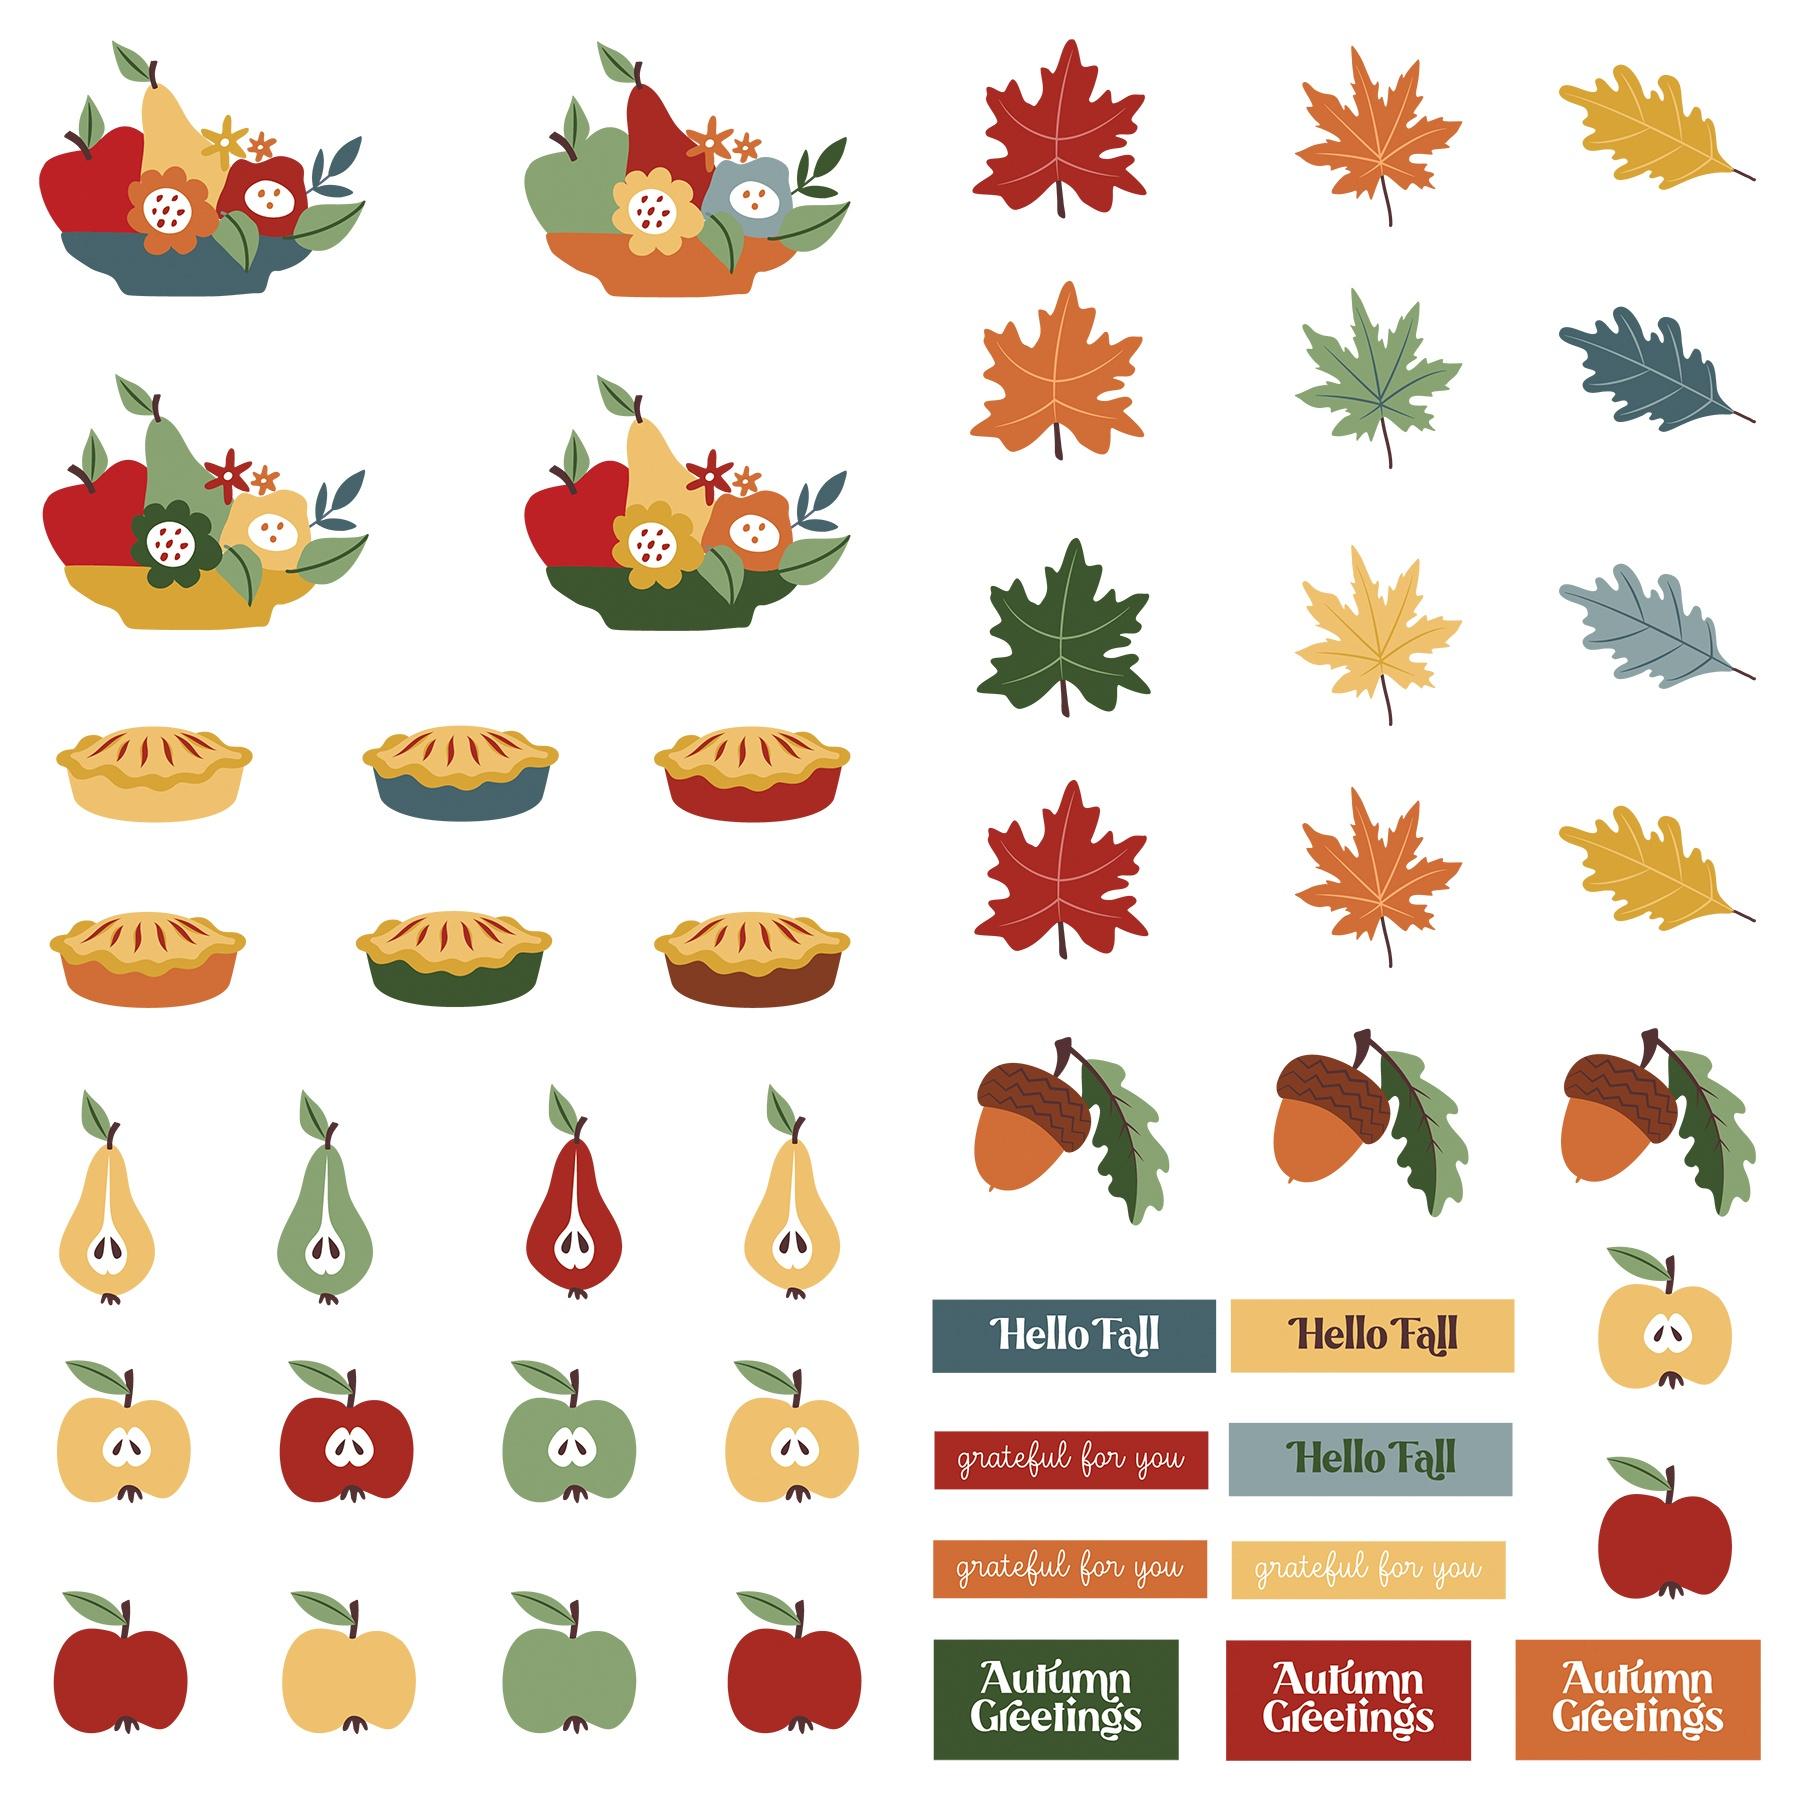 PP Autumn Greetings Cardstock Die-Cut Sheet 12X12-